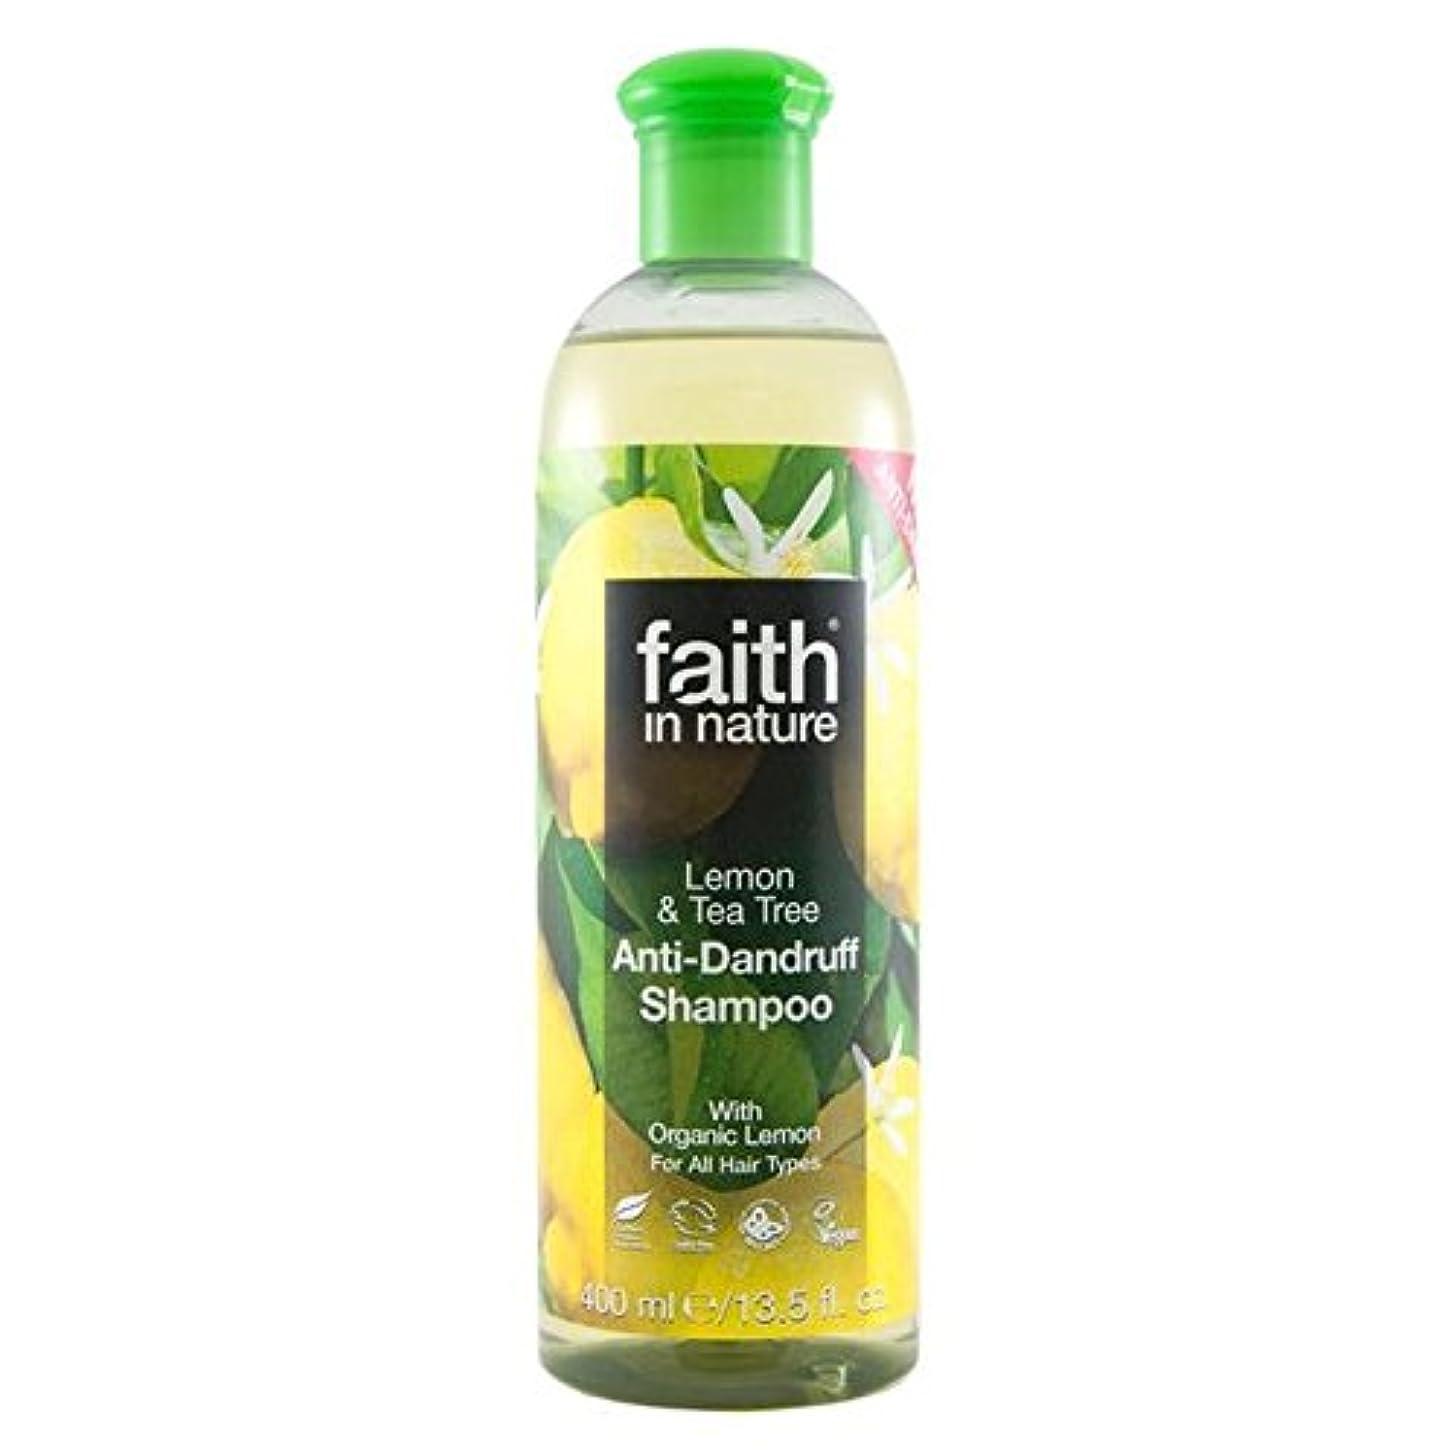 認知週末洞窟Faith in Nature Anti-Dandruff Lemon & Tea Tree Shampoo 400ml (Pack of 6) - (Faith In Nature) 自然の中で信仰抗フケレモン&ティーツリーシャンプー400ミリリットル (x6) [並行輸入品]